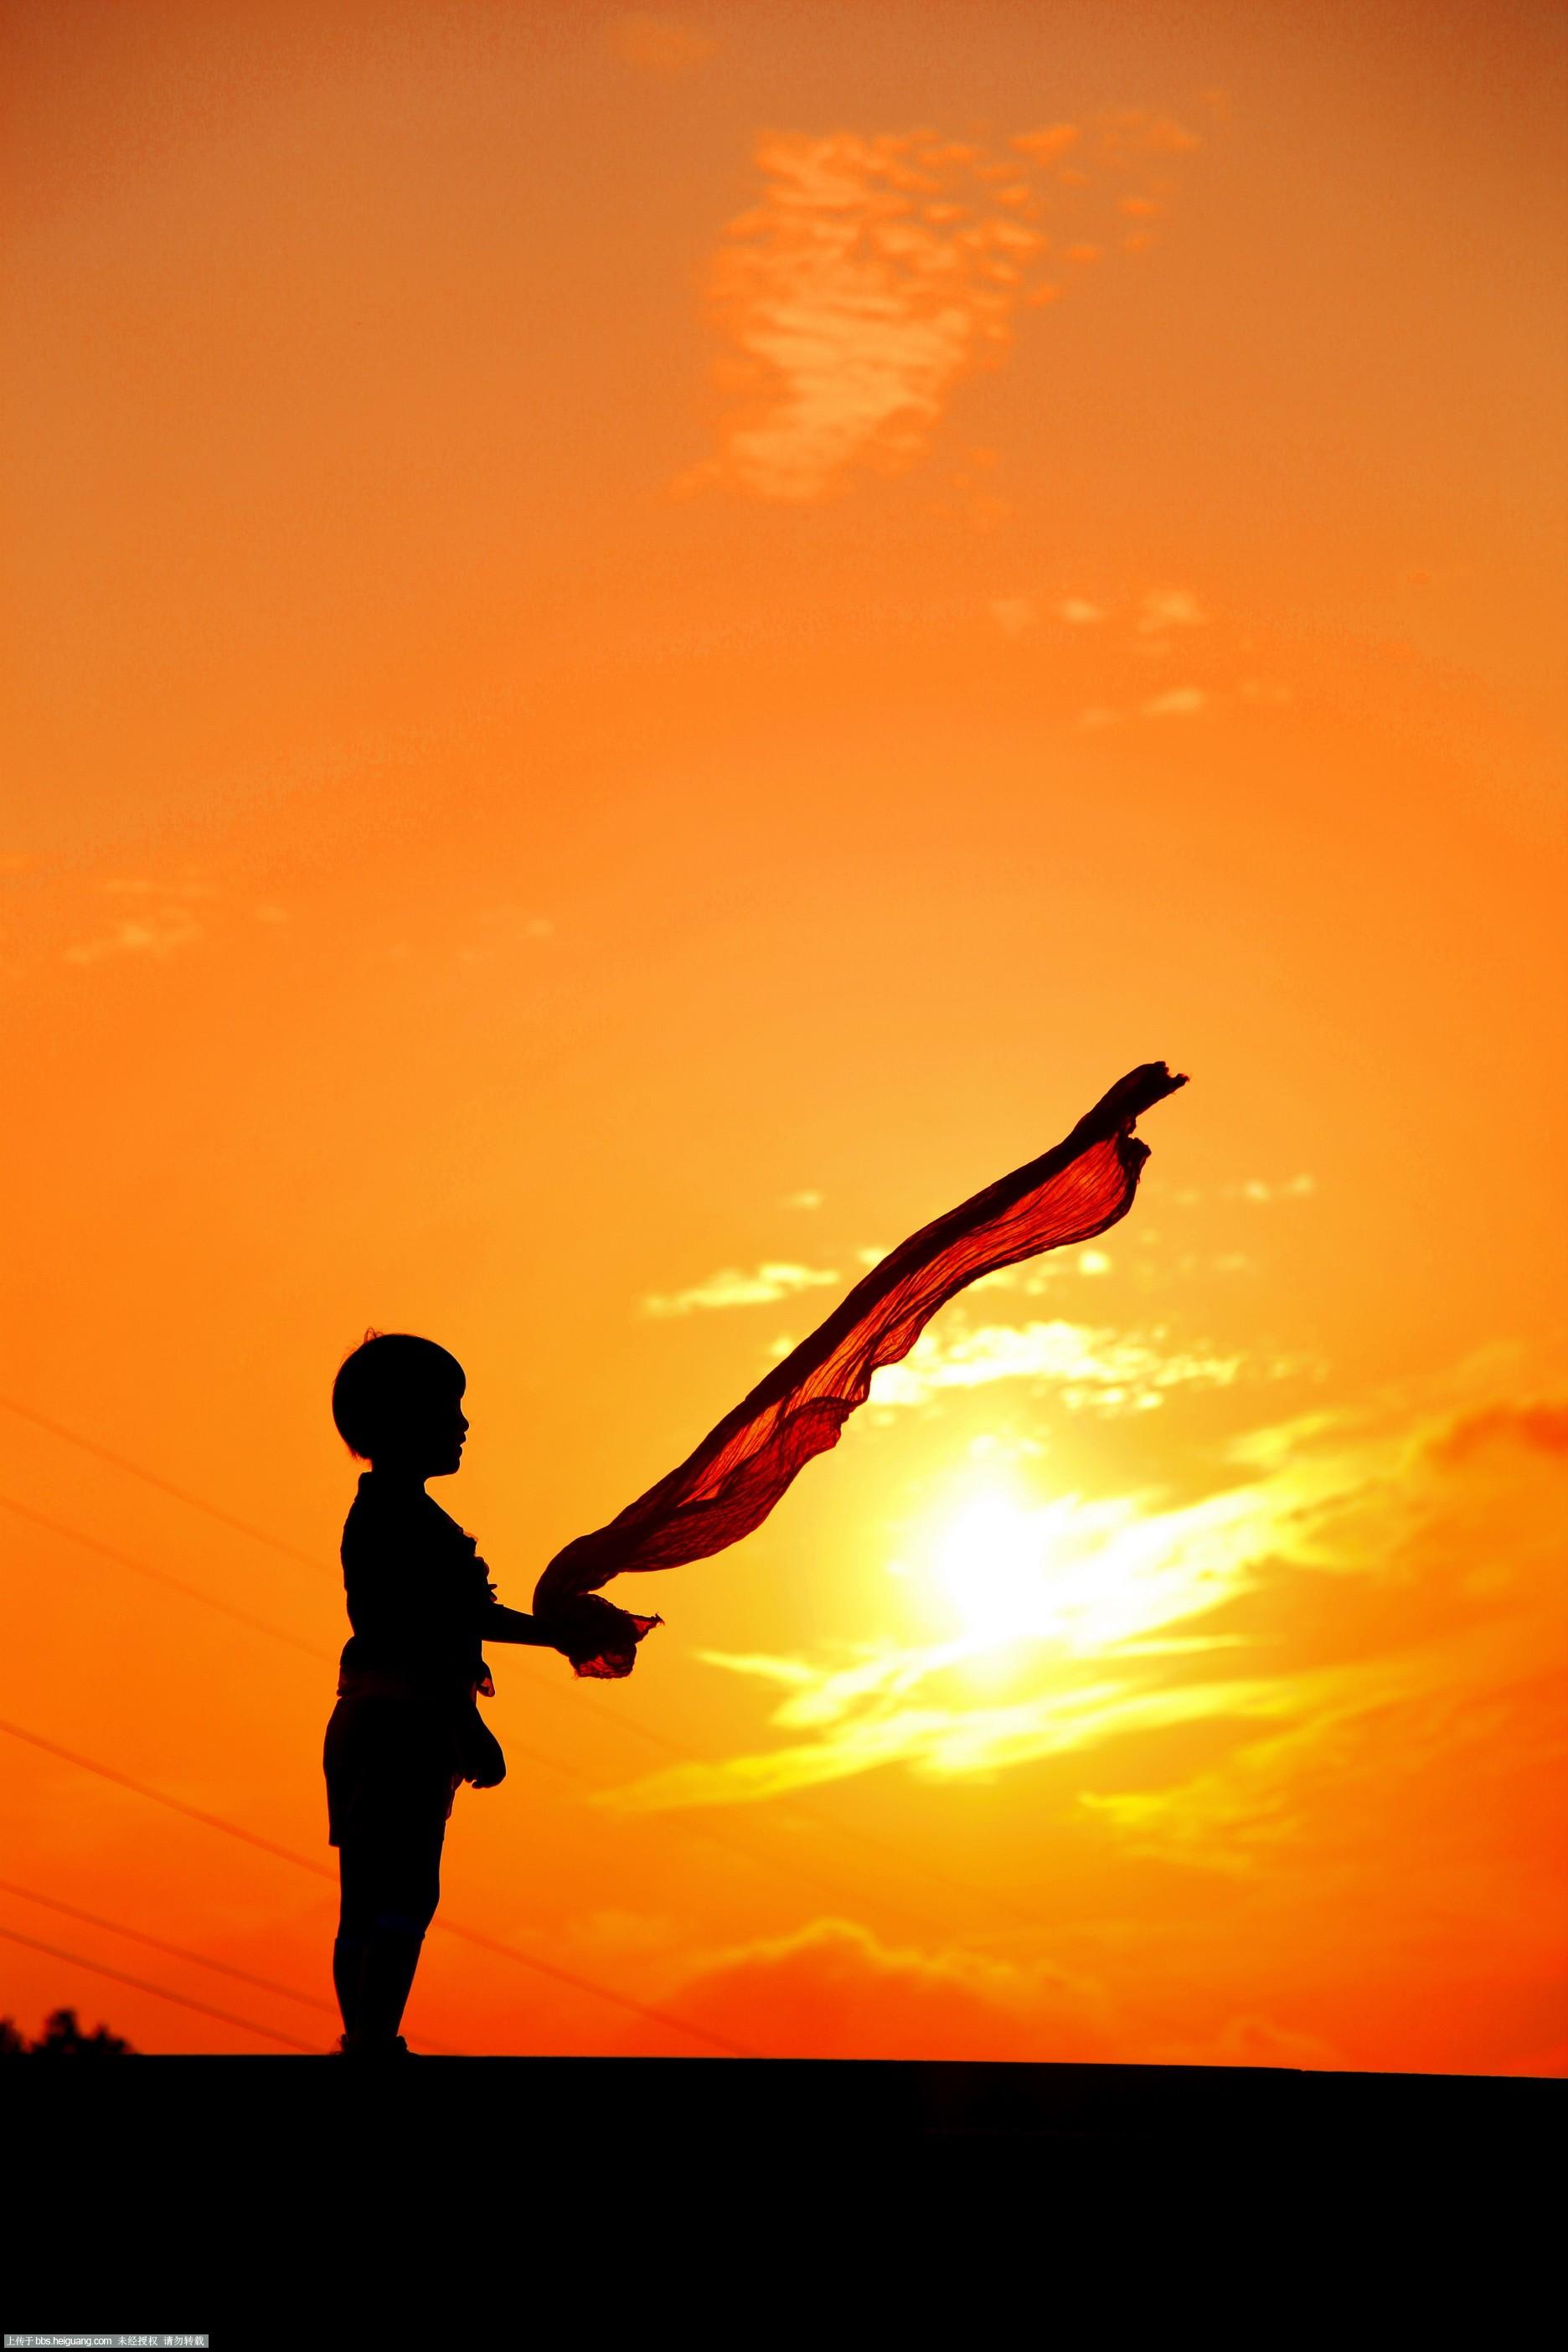 黑光论坛 69 作品欣赏 69 儿童摄影作品 69 最美不过夕阳时   &